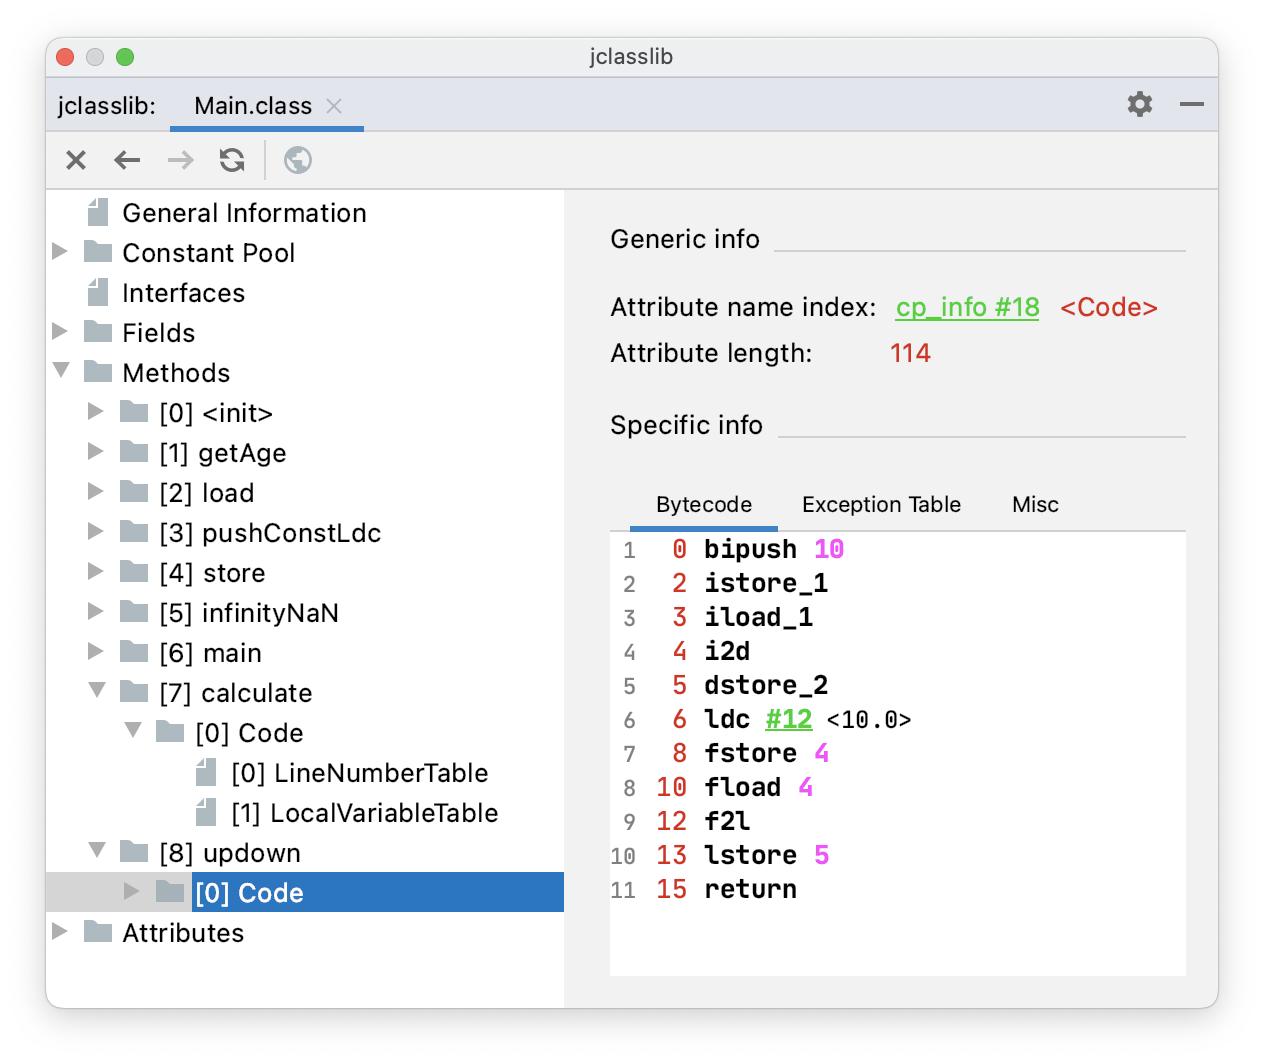 我要悄悄学习 Java 字节码指令,在成为技术大佬的路上一去不复返插图(9)